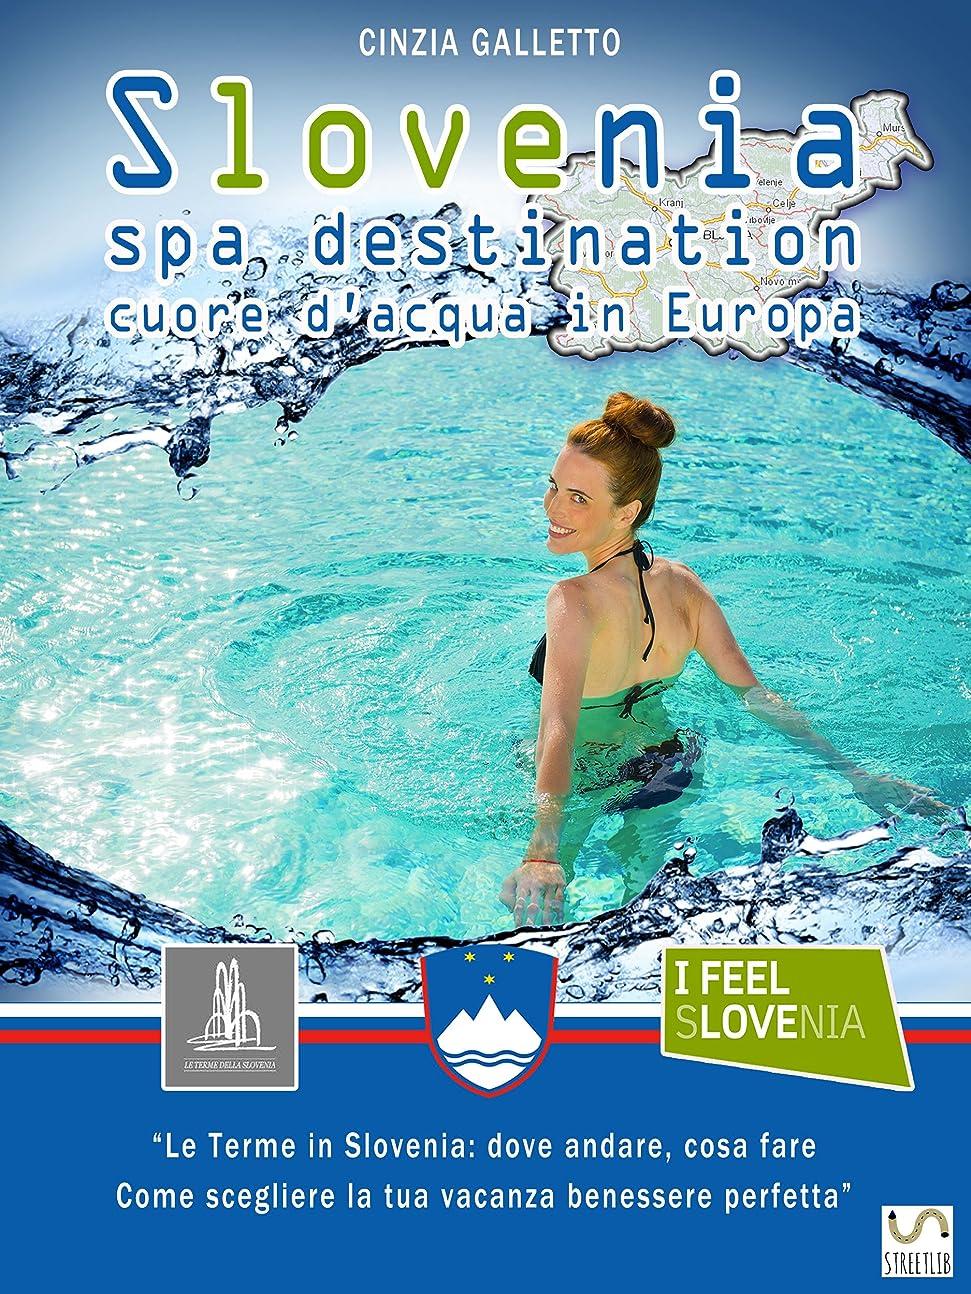 特許職人コイルSlovenia Spa Destination: Cuore d'acqua in Europa (Italian Edition)